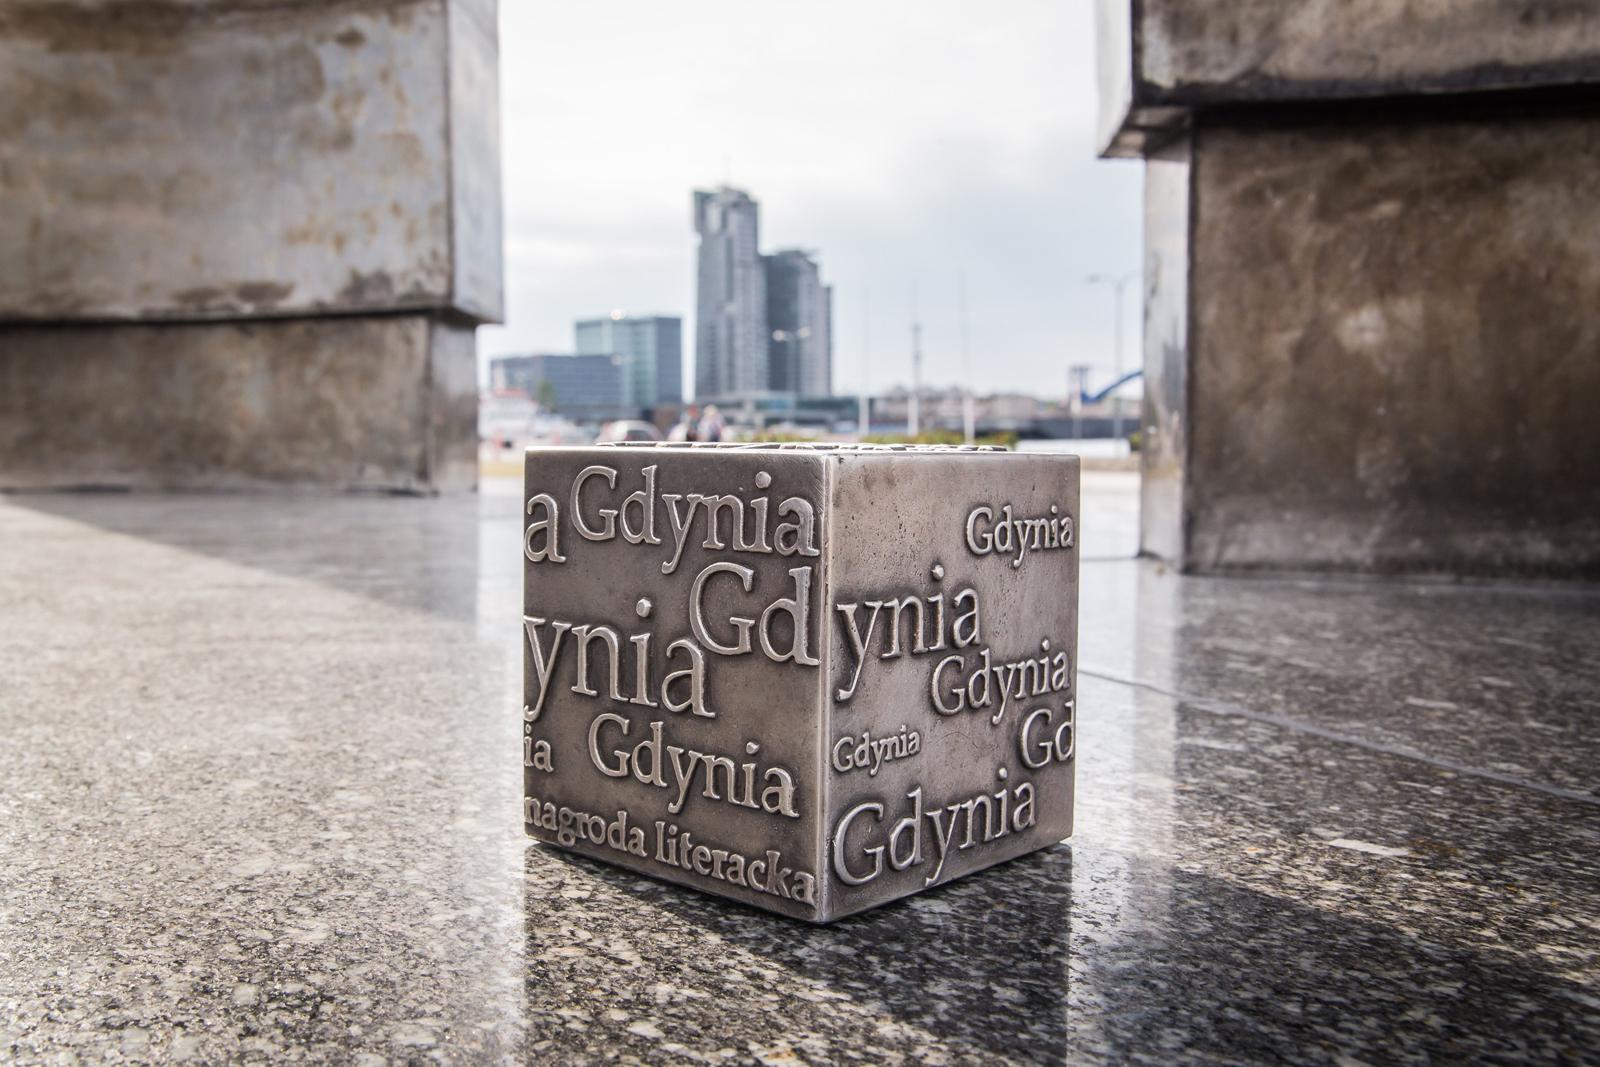 Nagroda Literacka Gdynia (źródło: materiały prasowe)